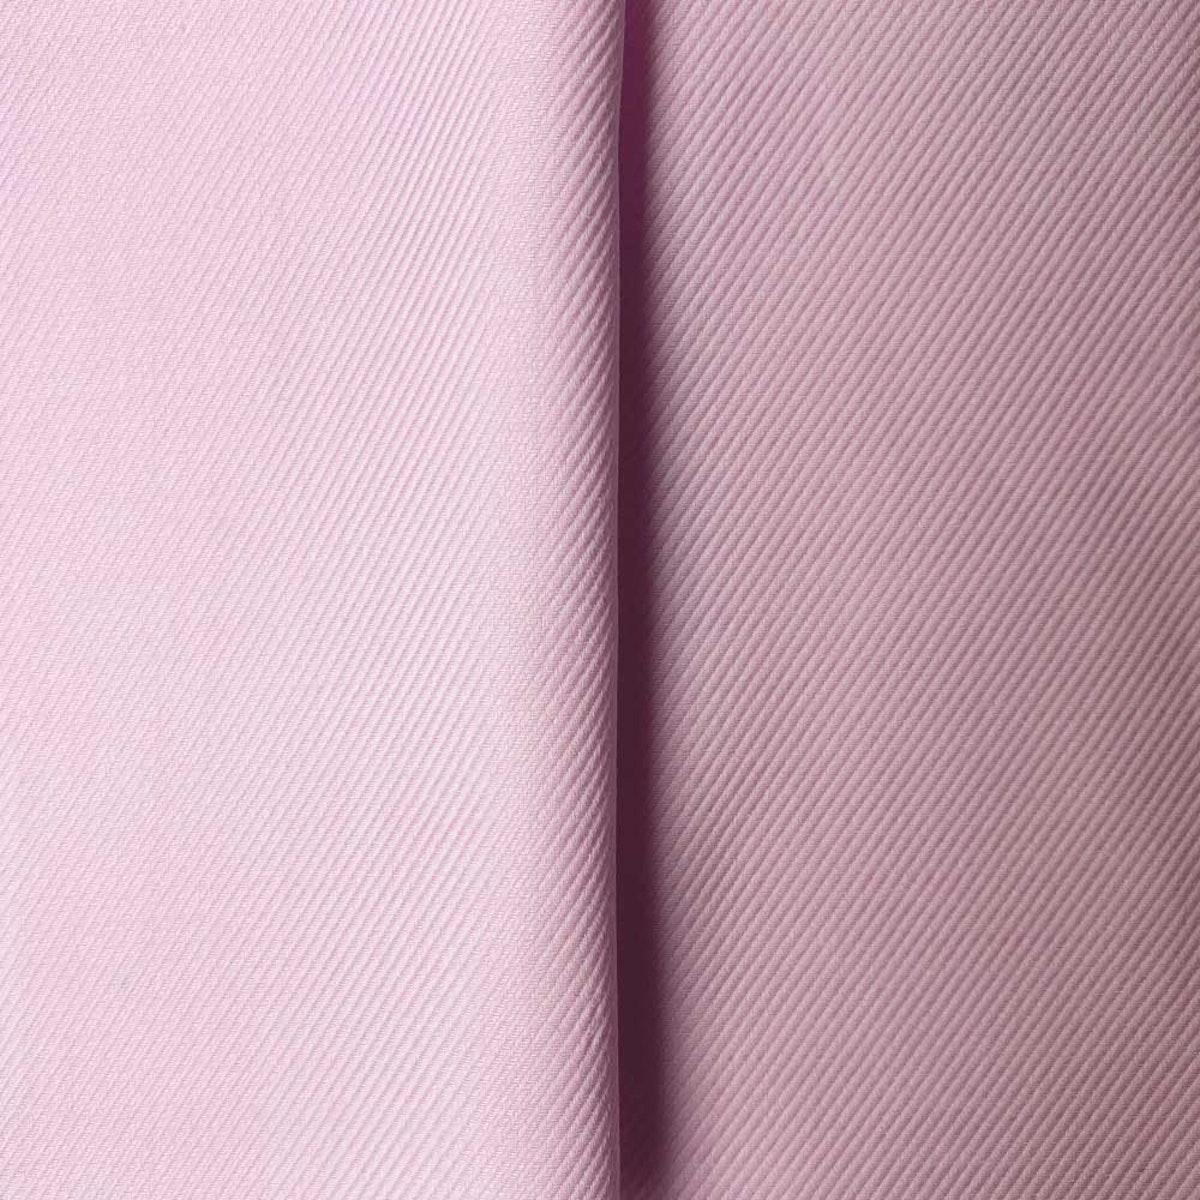 InStitchu Shirt Fabric 76